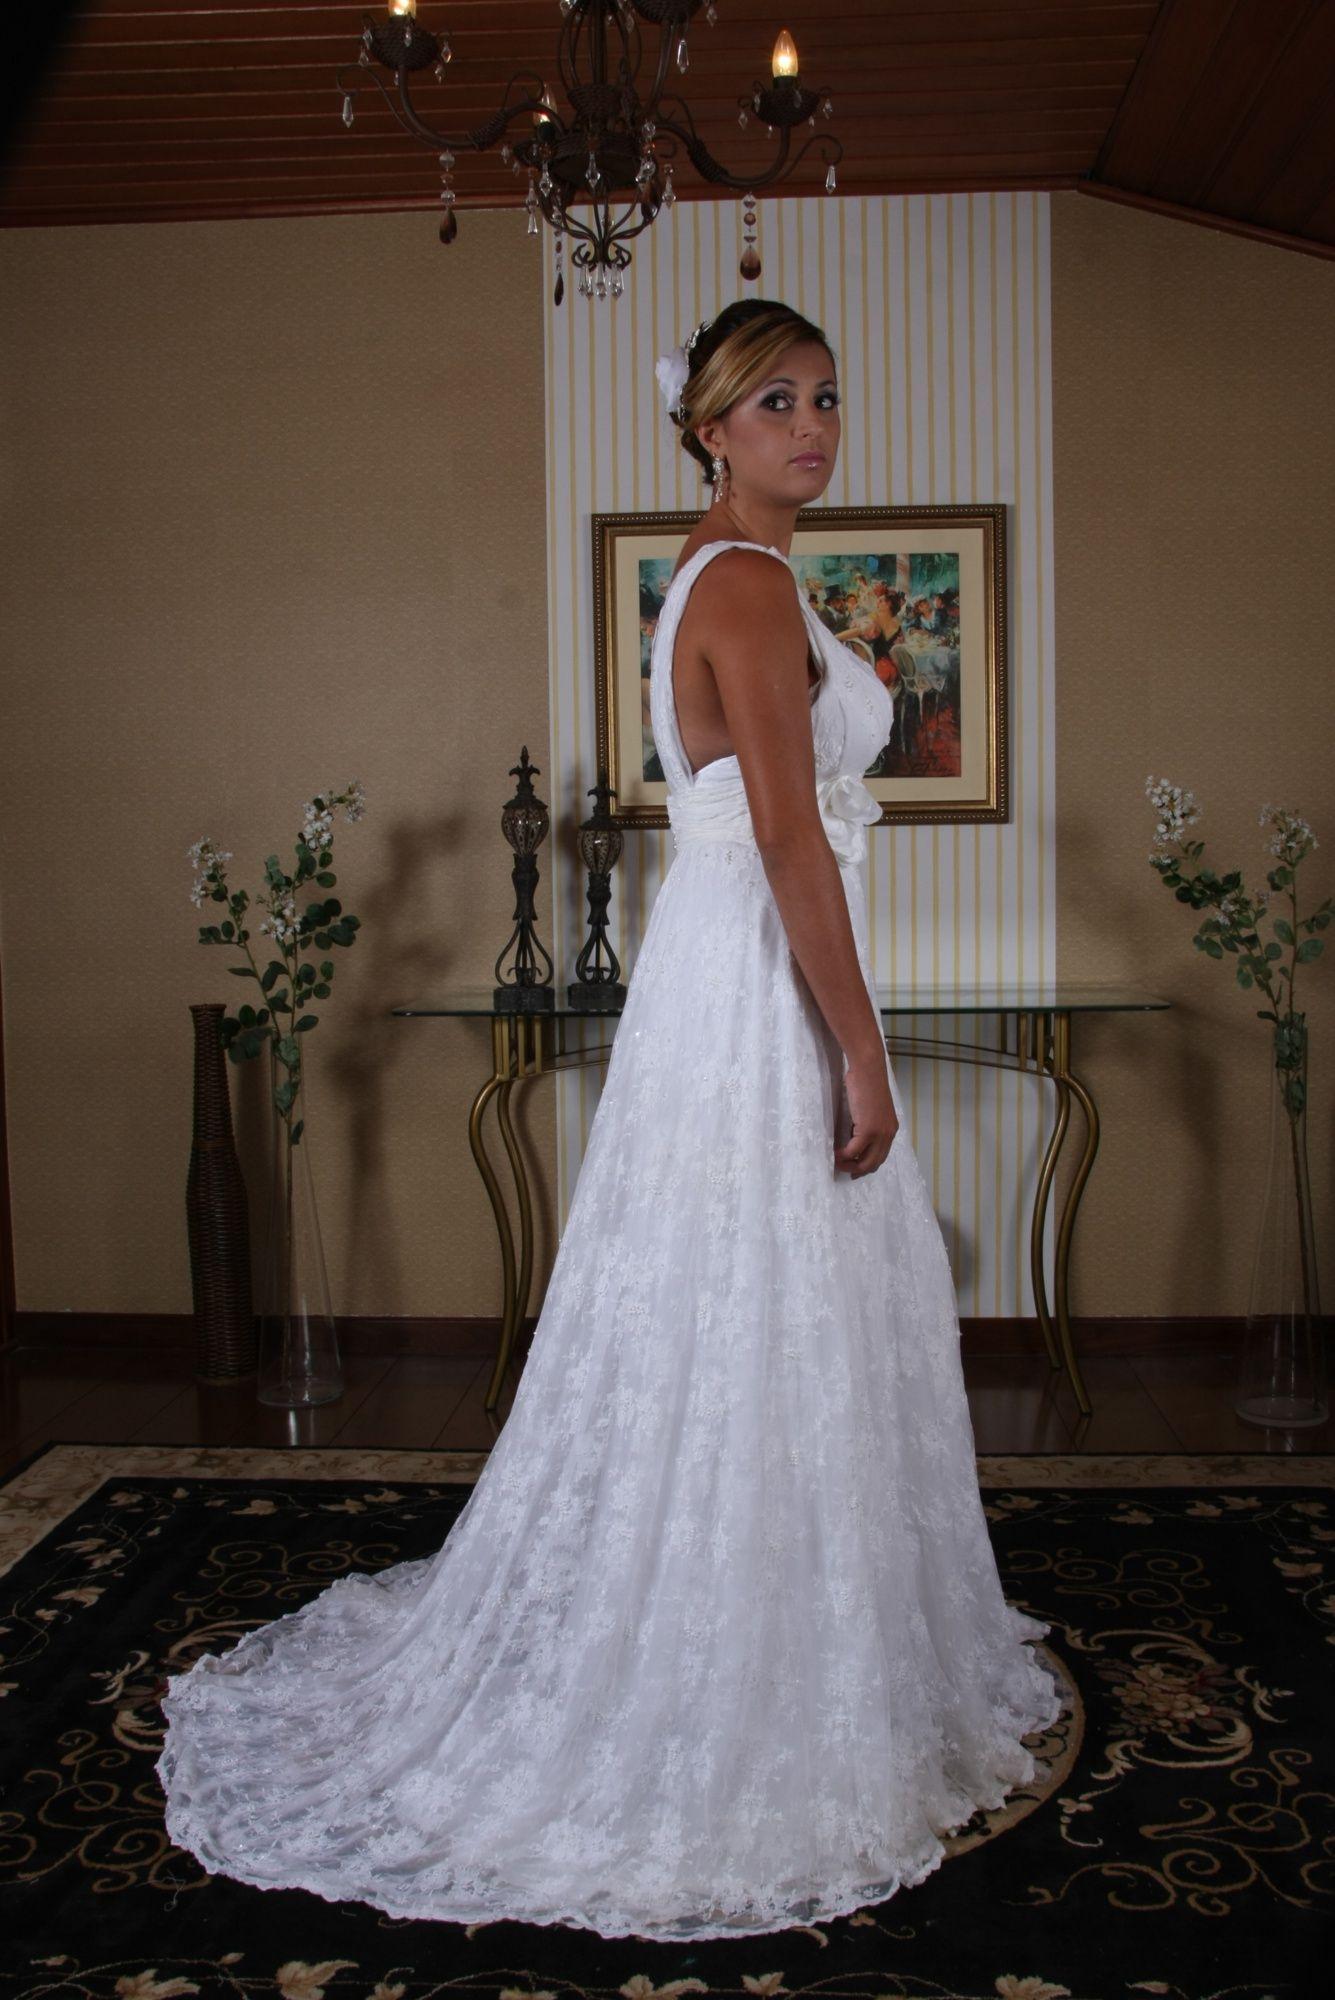 Vestido de Noiva Leve - 5 - Hipnose Alta Costura e Spa para Noivas e Noivos - Campinas - SP Vestido de Noiva, Vestido de Noiva Leve, Hipnose Alta Costura